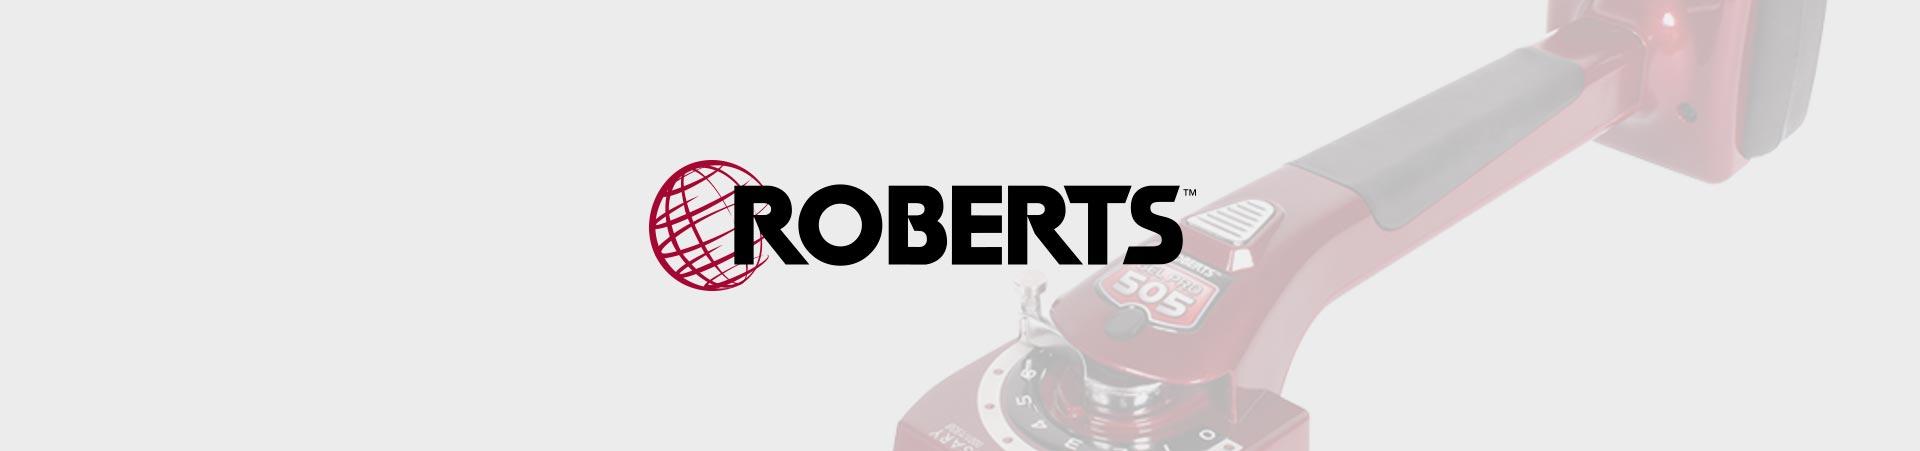 Roberts tools